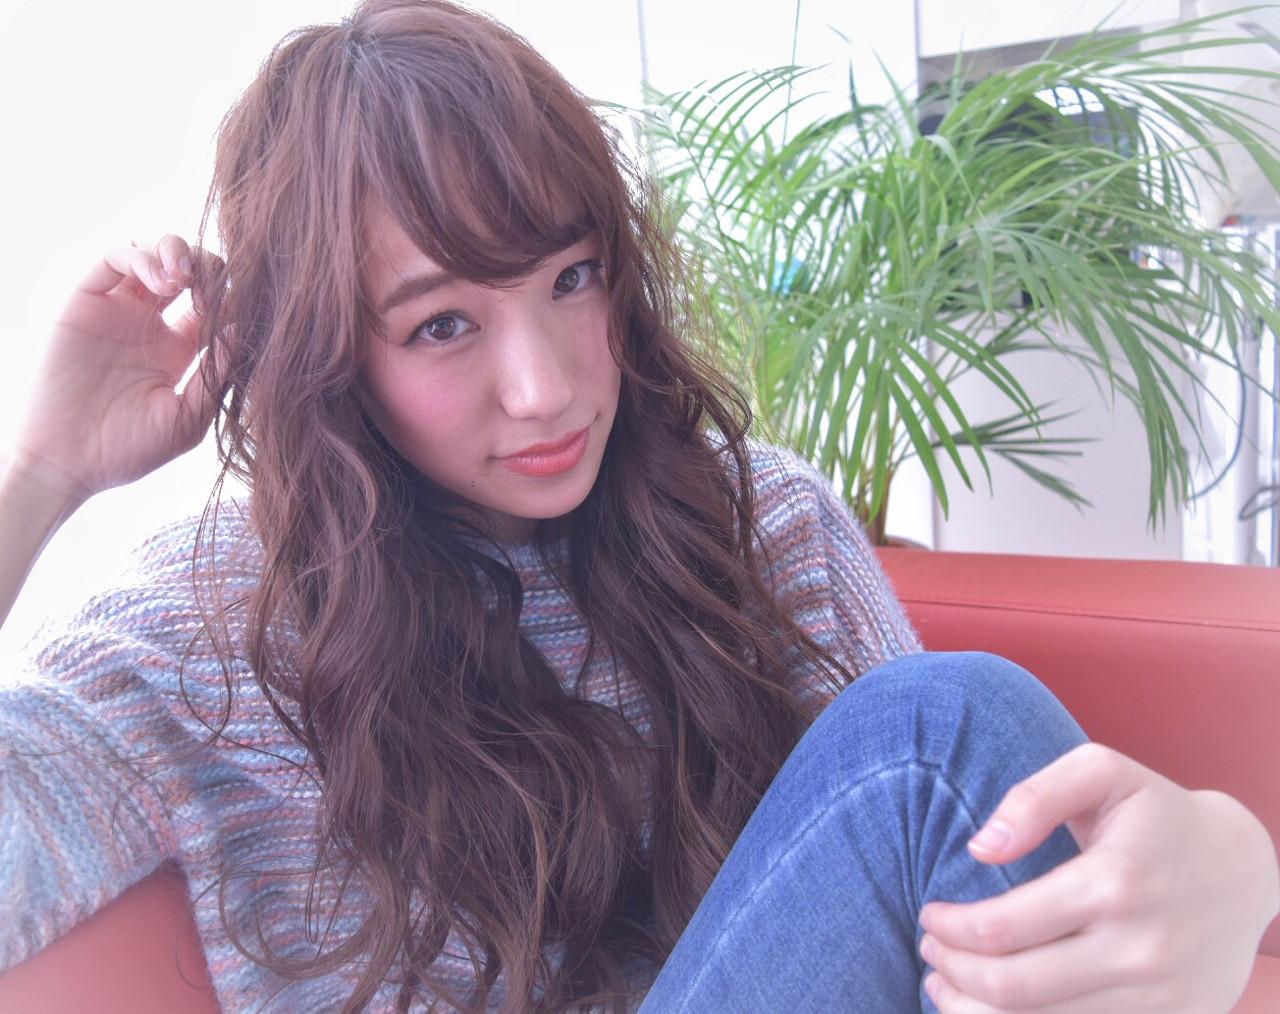 ロング 大人女子 小顔 アッシュ ヘアスタイルや髪型の写真・画像 | 石田裕紀 / Baroque 立川 newtonグループ